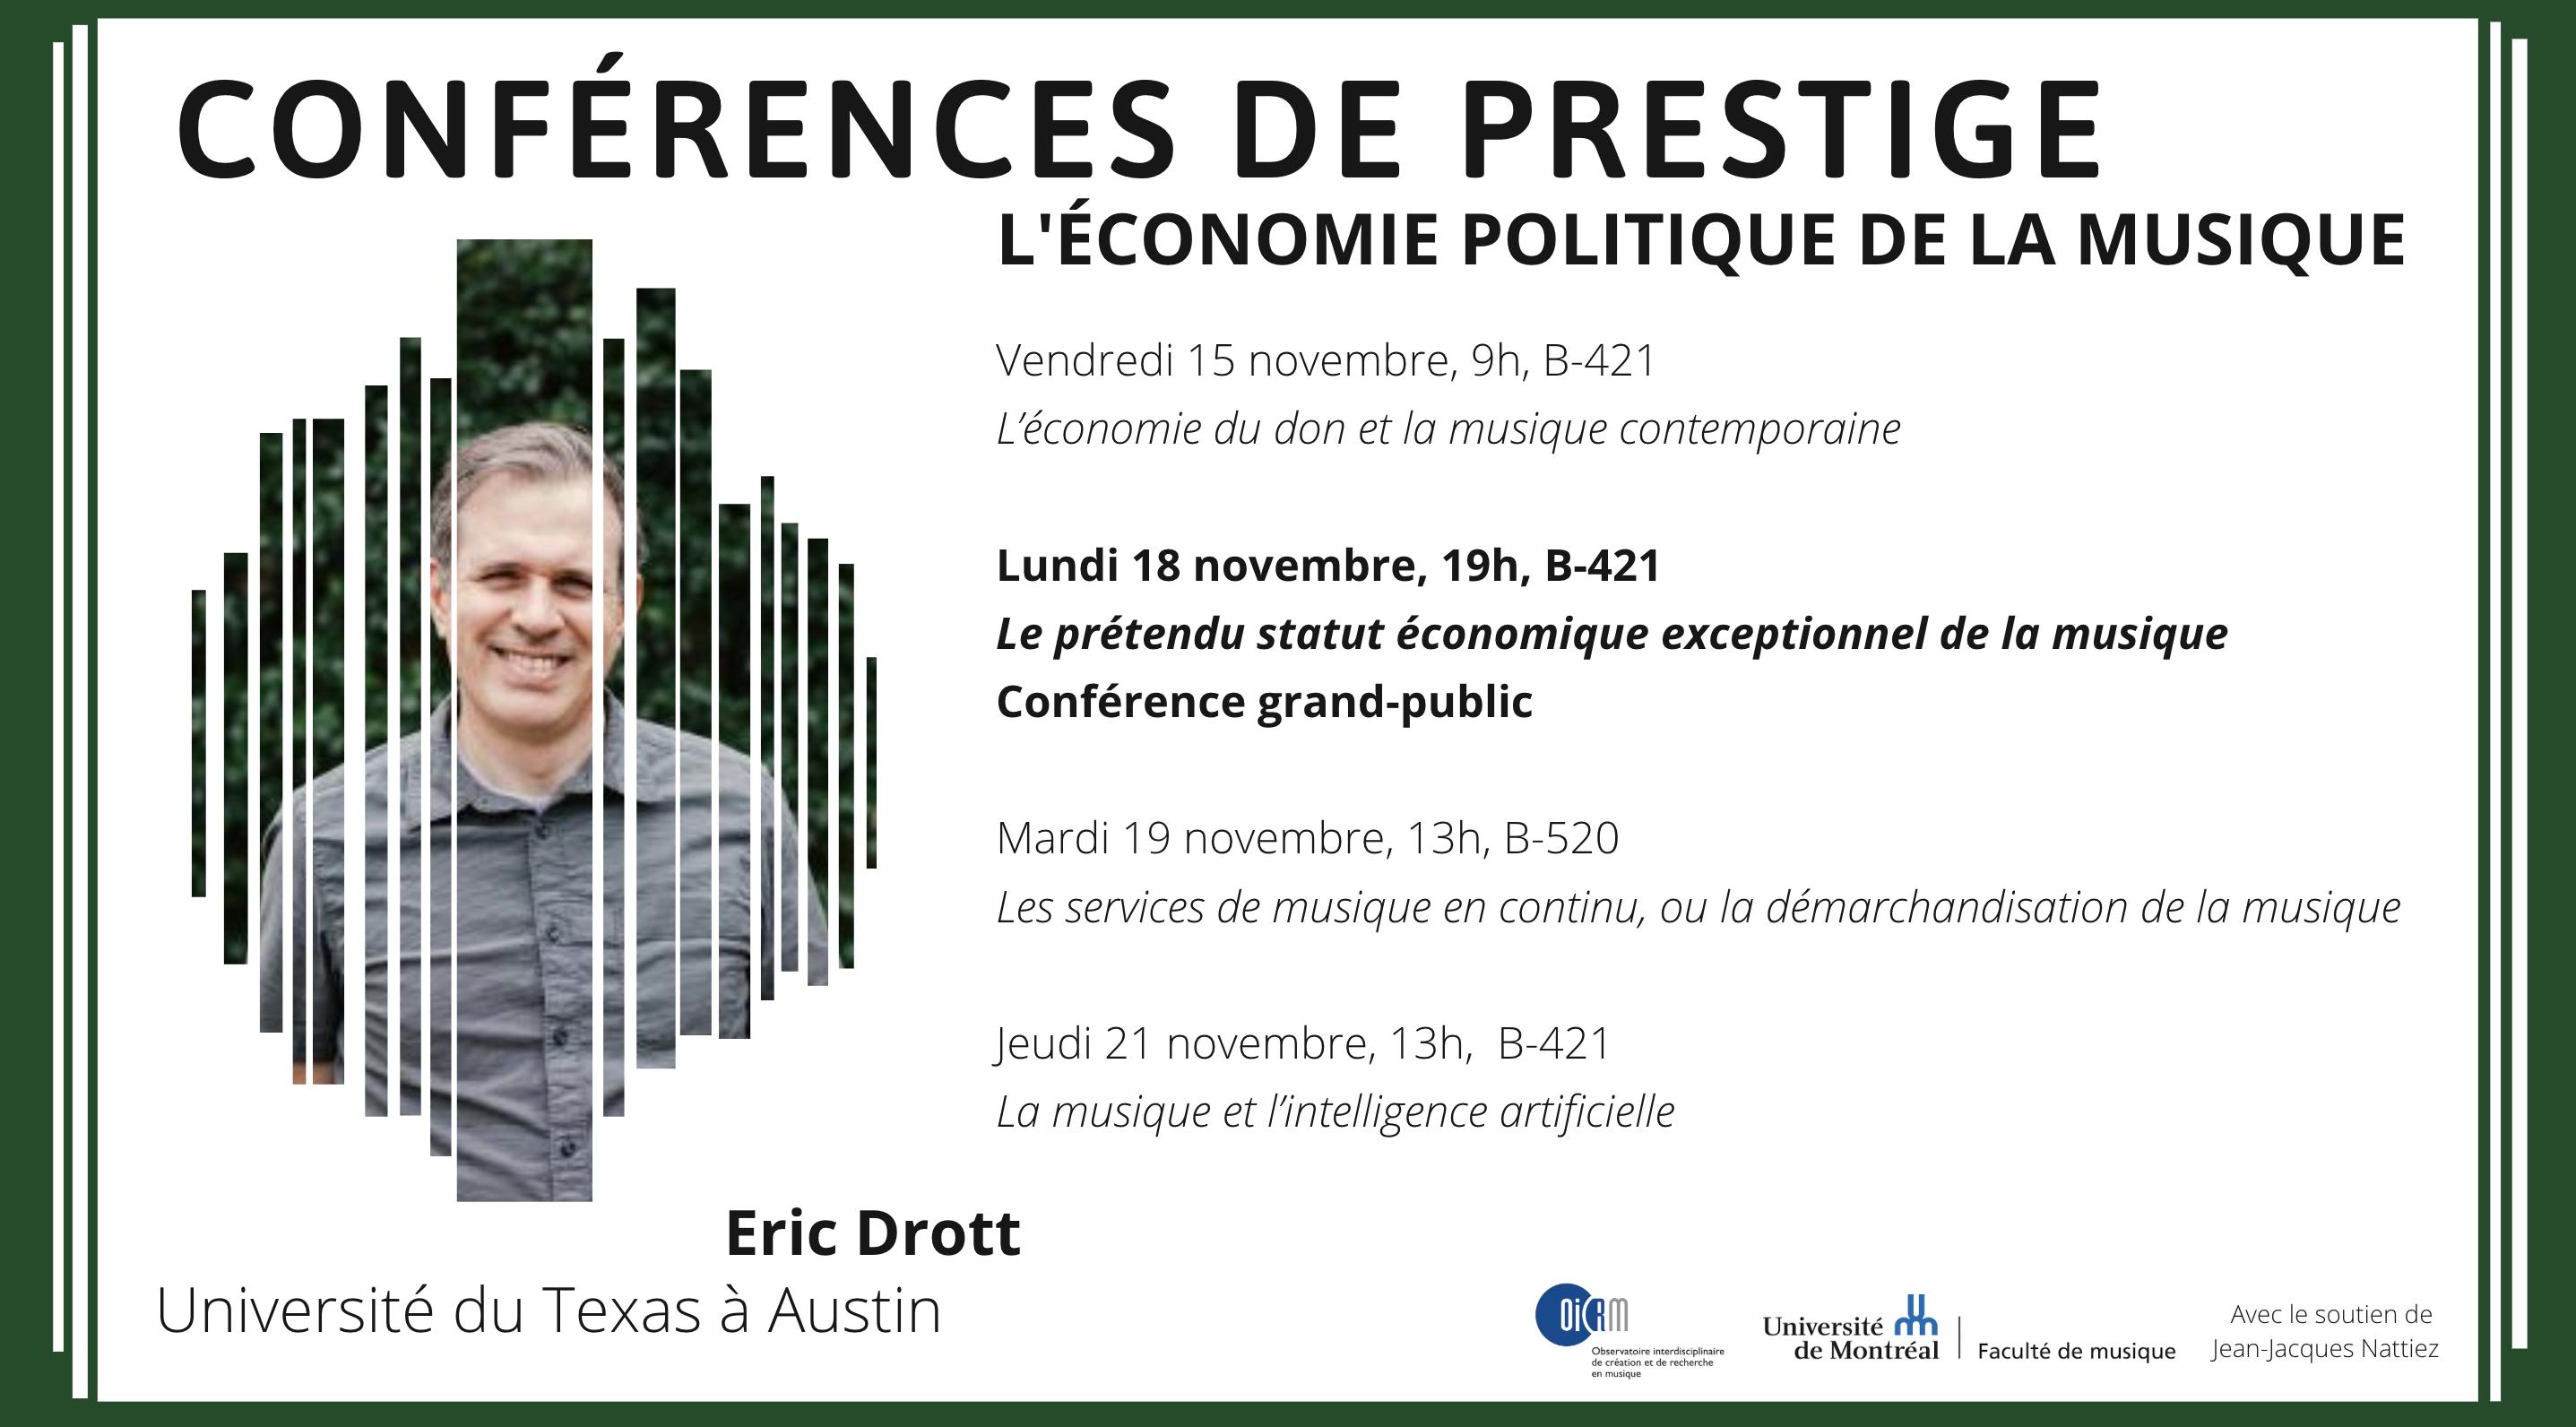 Conférences de prestige - Eric Drott - 15-21 novembre 2019